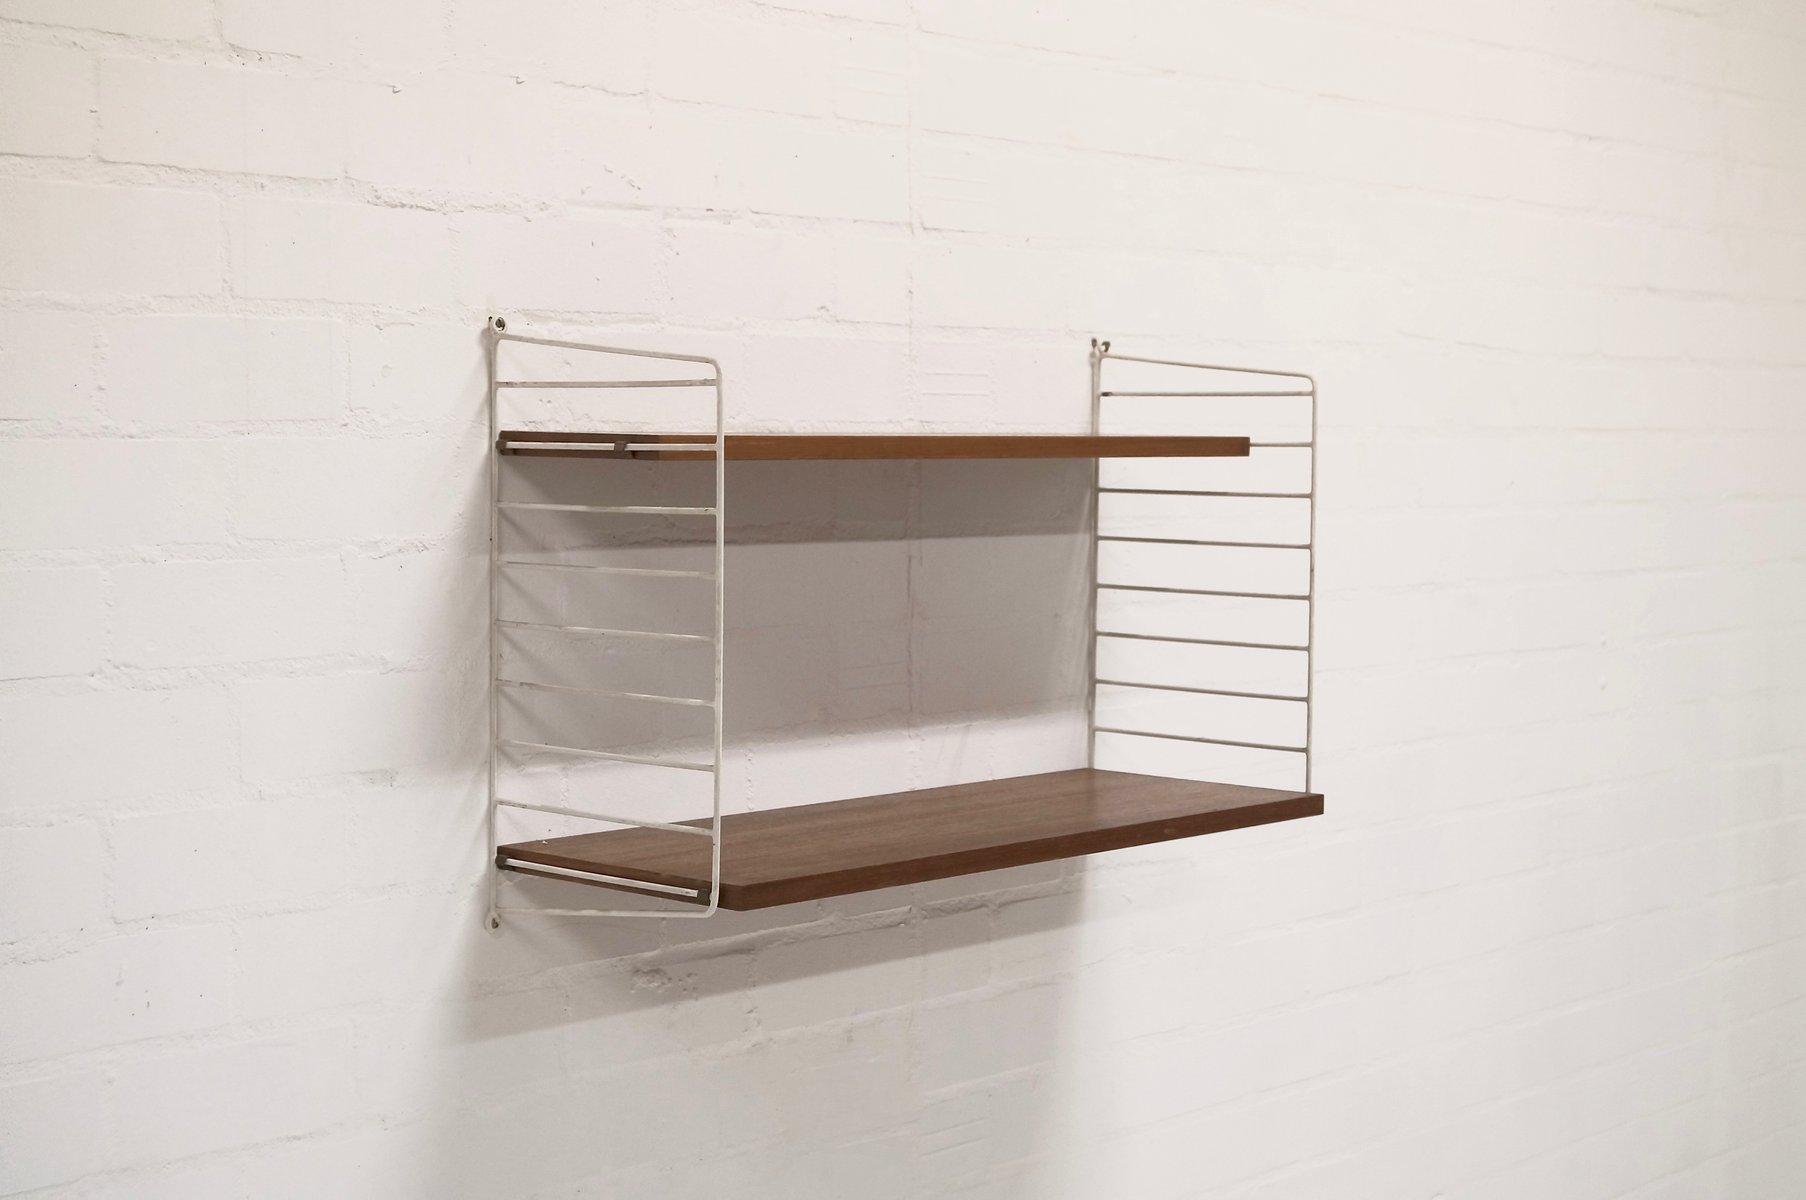 schwedisches mid century teak regal von nisse strinning f r ab string 1958 bei pamono kaufen. Black Bedroom Furniture Sets. Home Design Ideas